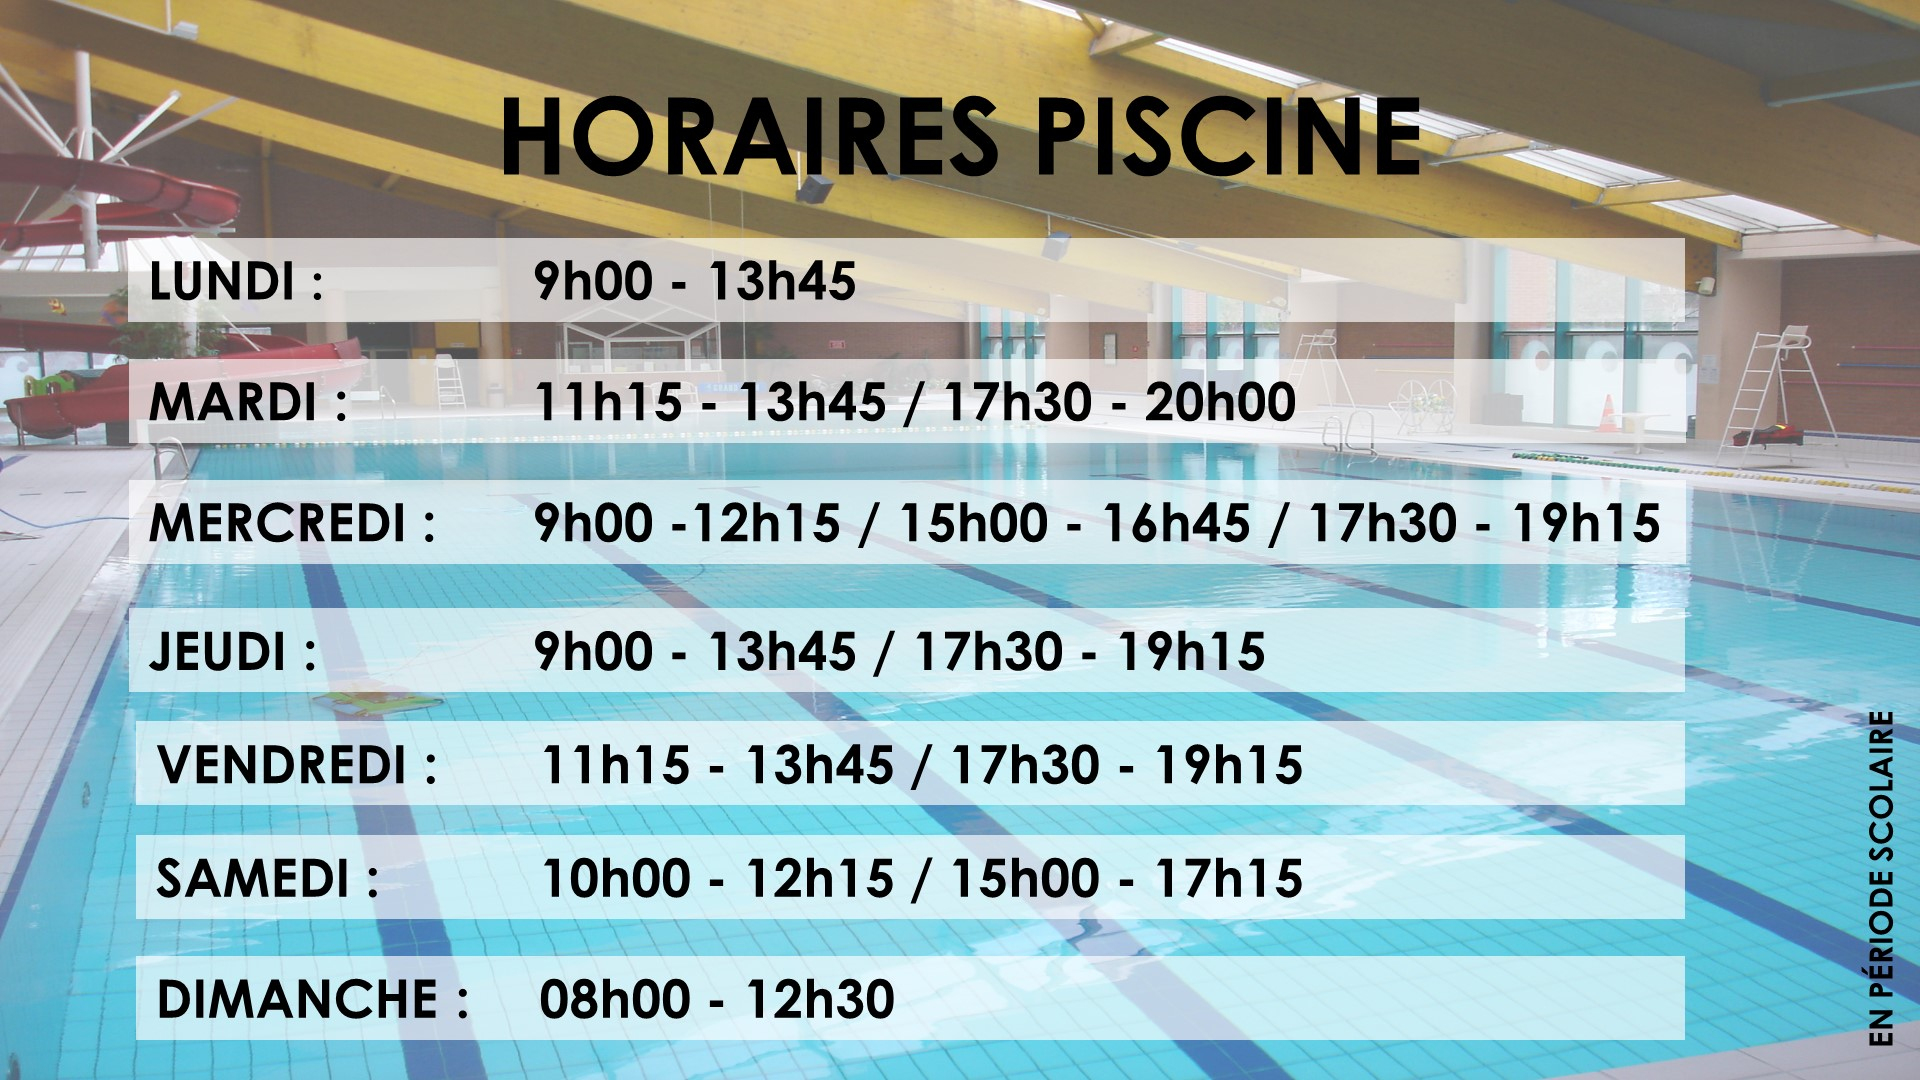 Horaires Thalassa, Horaires Piscine Roubaix destiné Horaire Piscine Ronchin